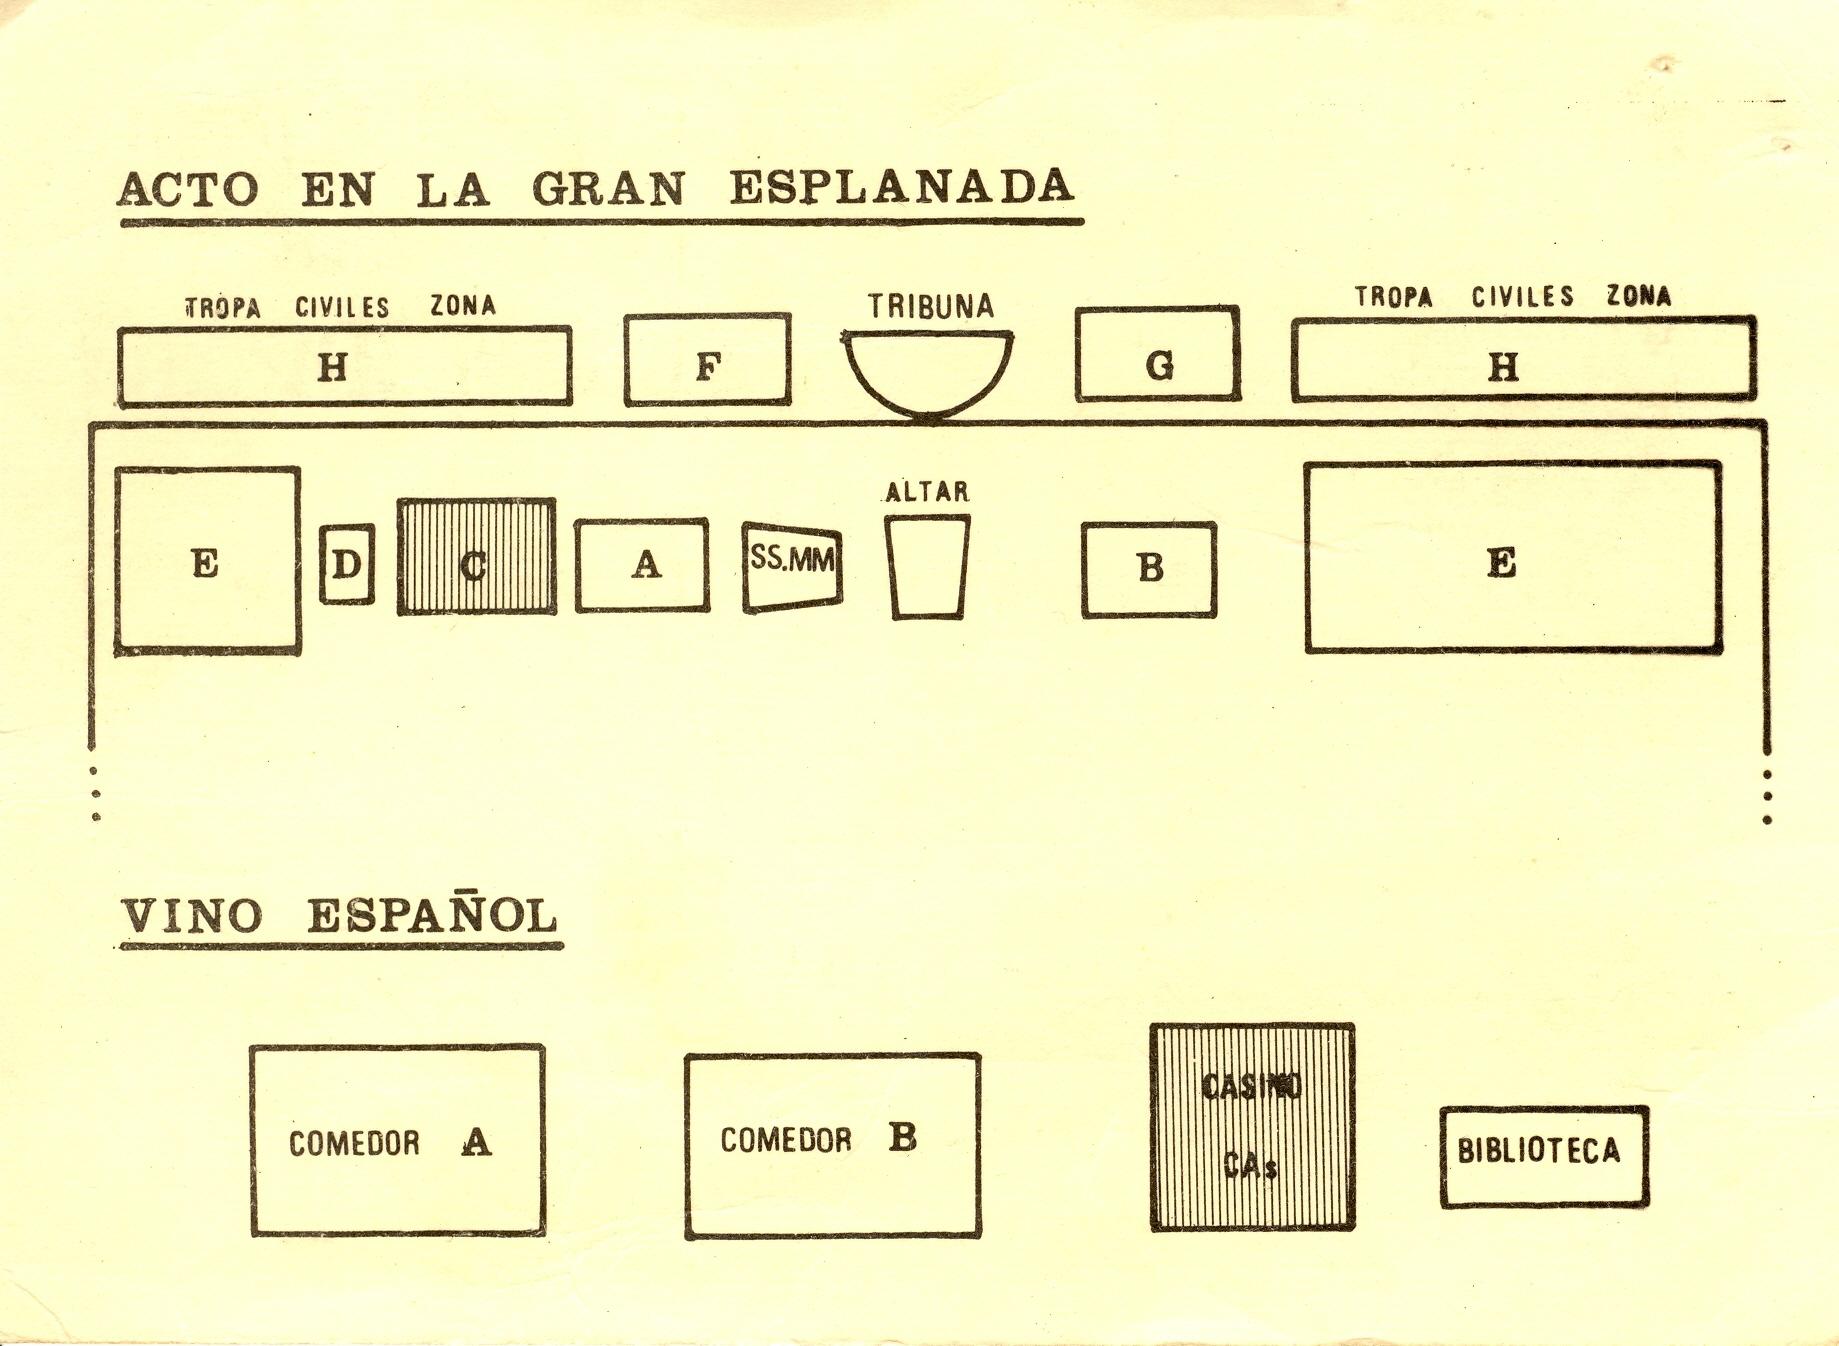 Invitaciones. Títulos Empleo 2ª Prom. 1978 02